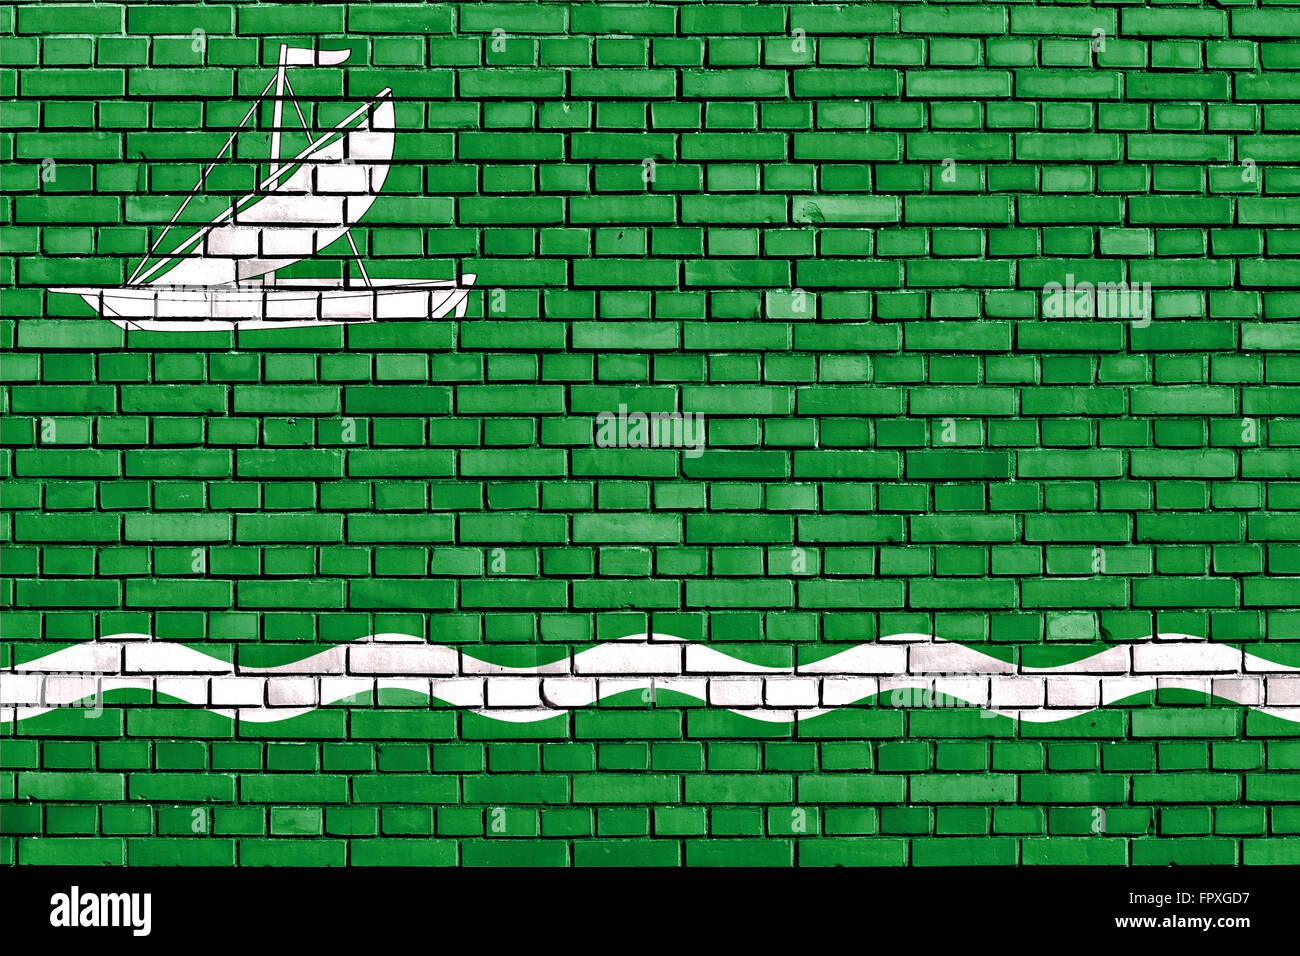 flag of Vilanova de la Barca painted on brick wall - Stock Image